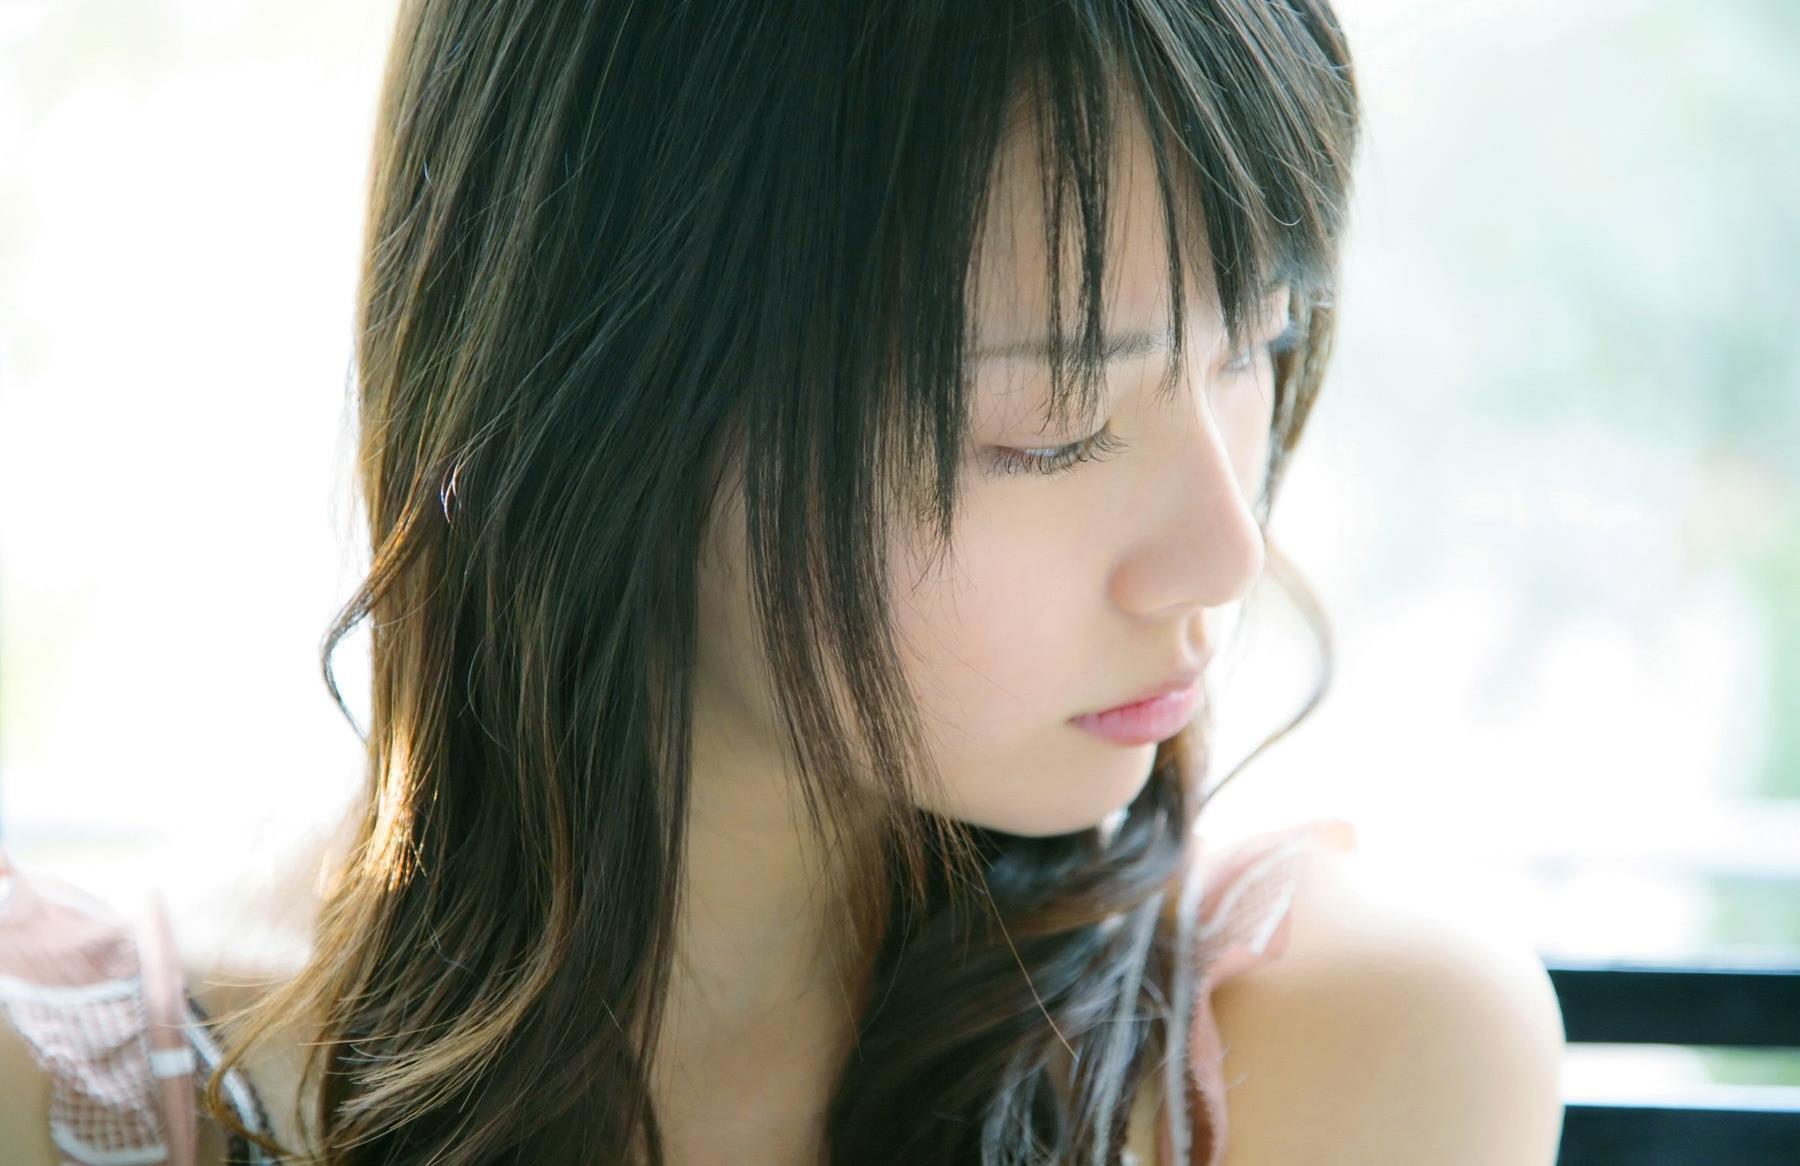 戸田恵梨香 エロ画像 80